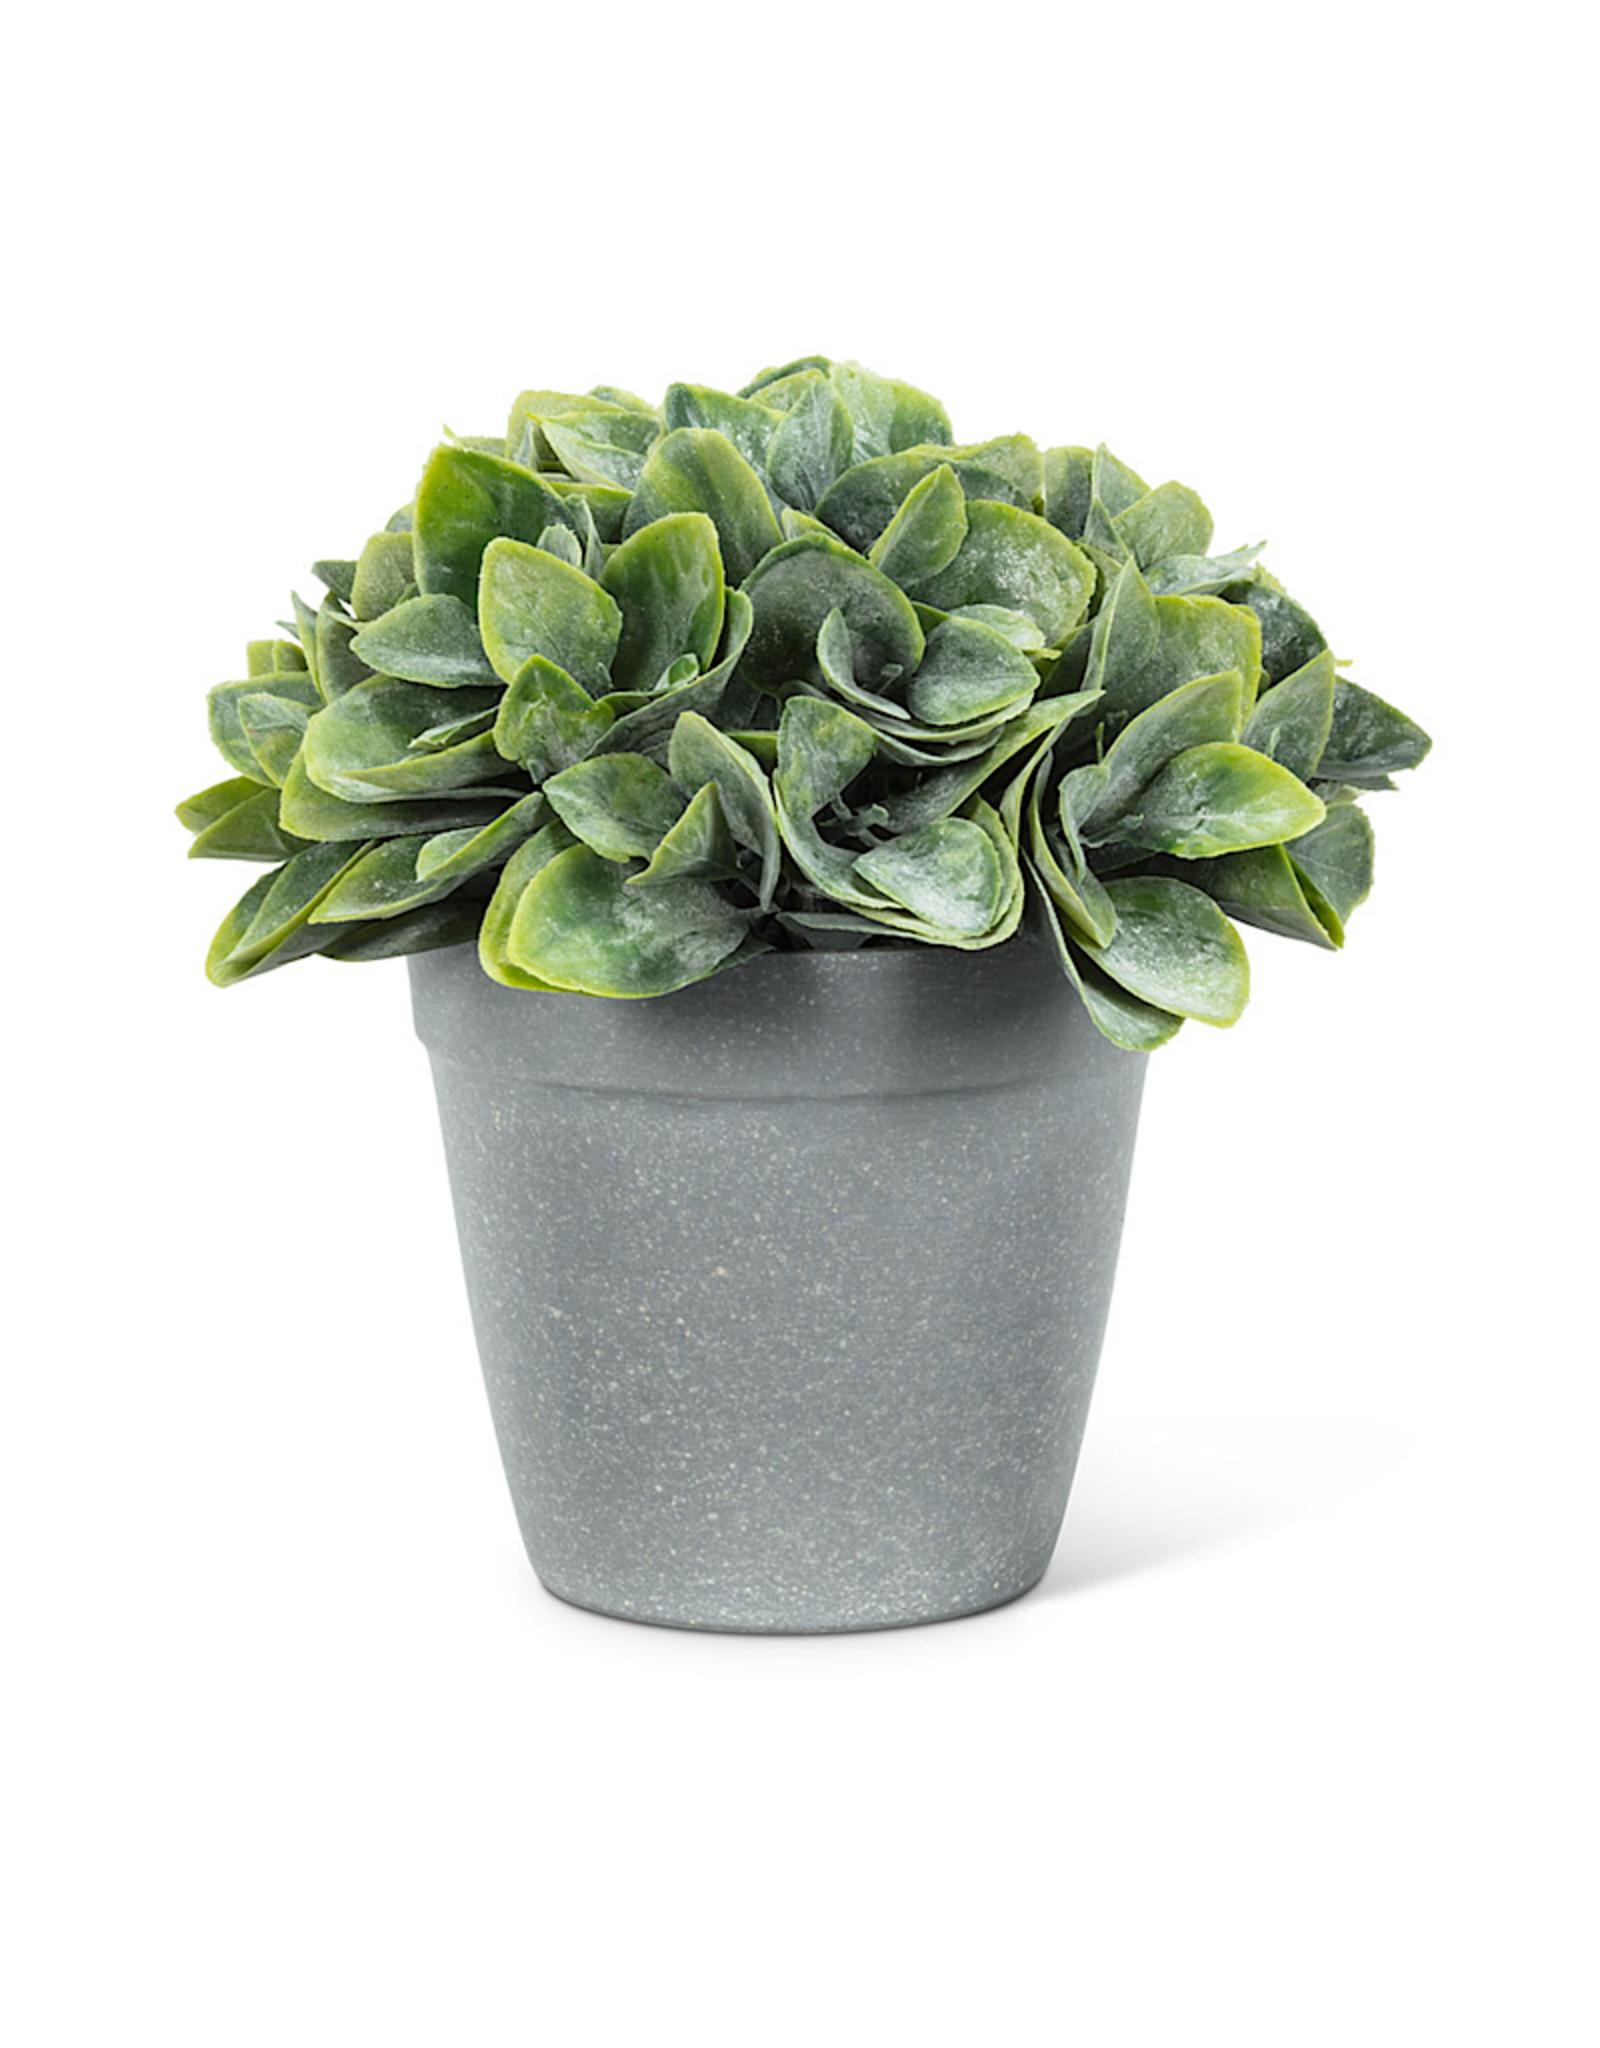 Spade Green Leaf Plant